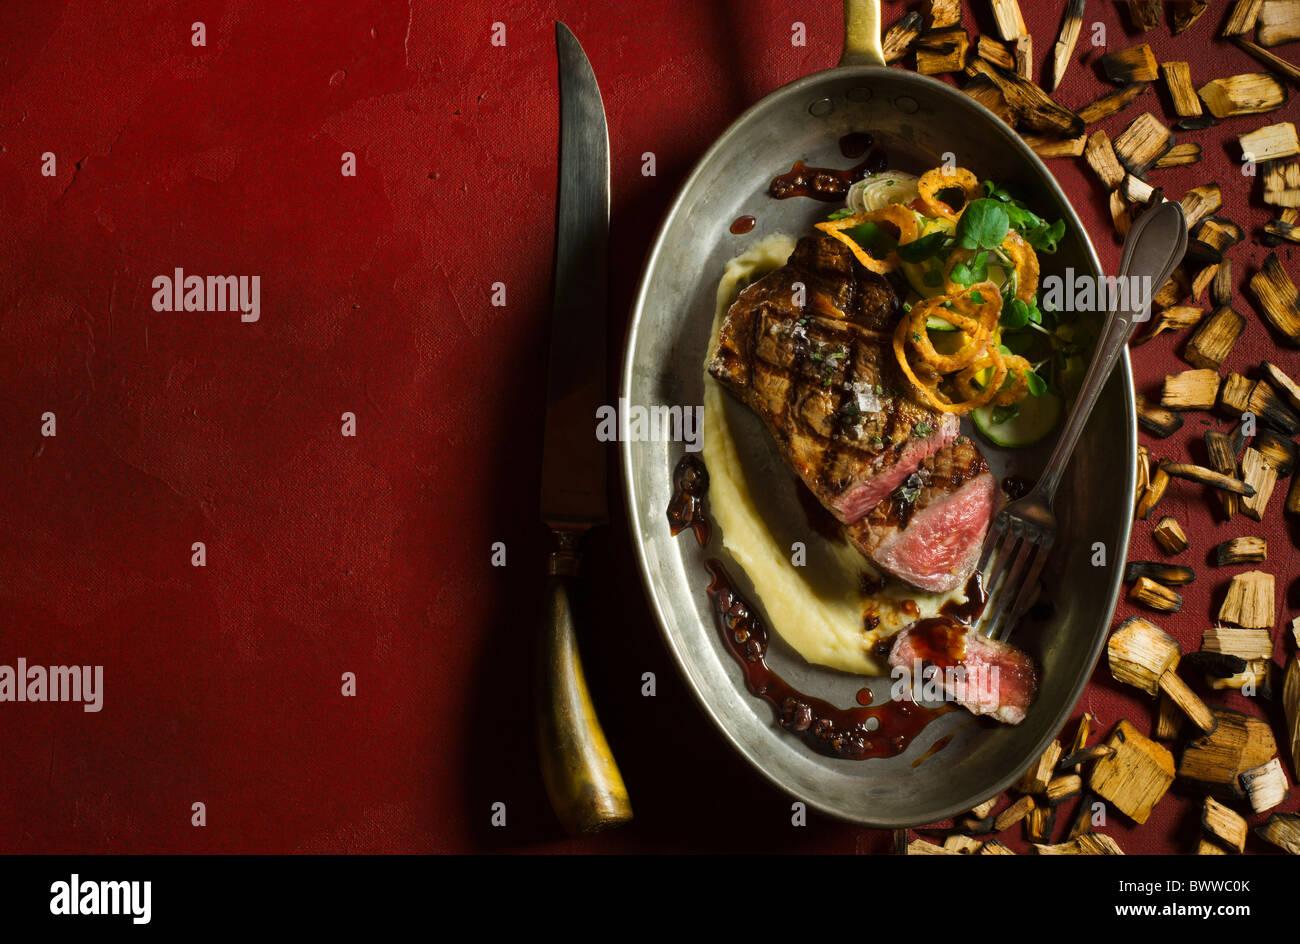 Ribeye Rind, pochiert in Fat Duck und frisch vom Grill mit Mesquite-Holz-Chips, serviert mit Kartoffelpüree, Stockbild